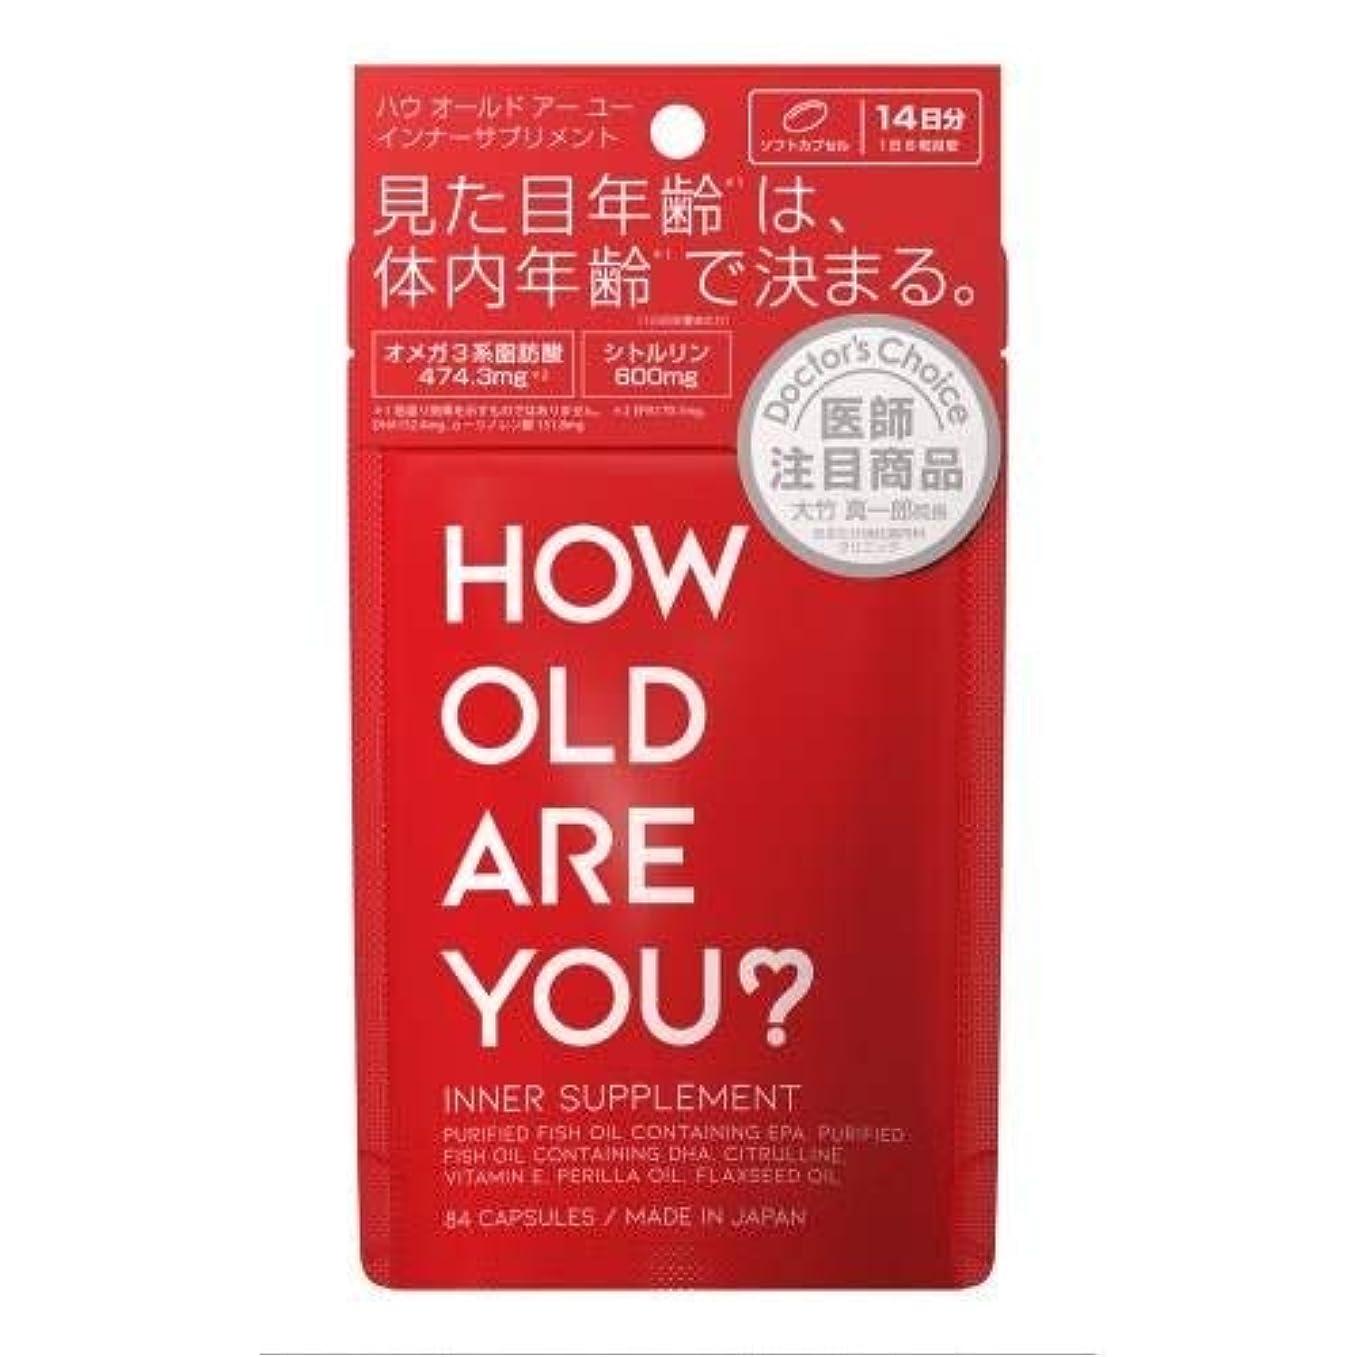 フライト突き刺す怖がって死ぬ【5個セット】HOW OLD ARE YOU?インナーサプリメント 84粒